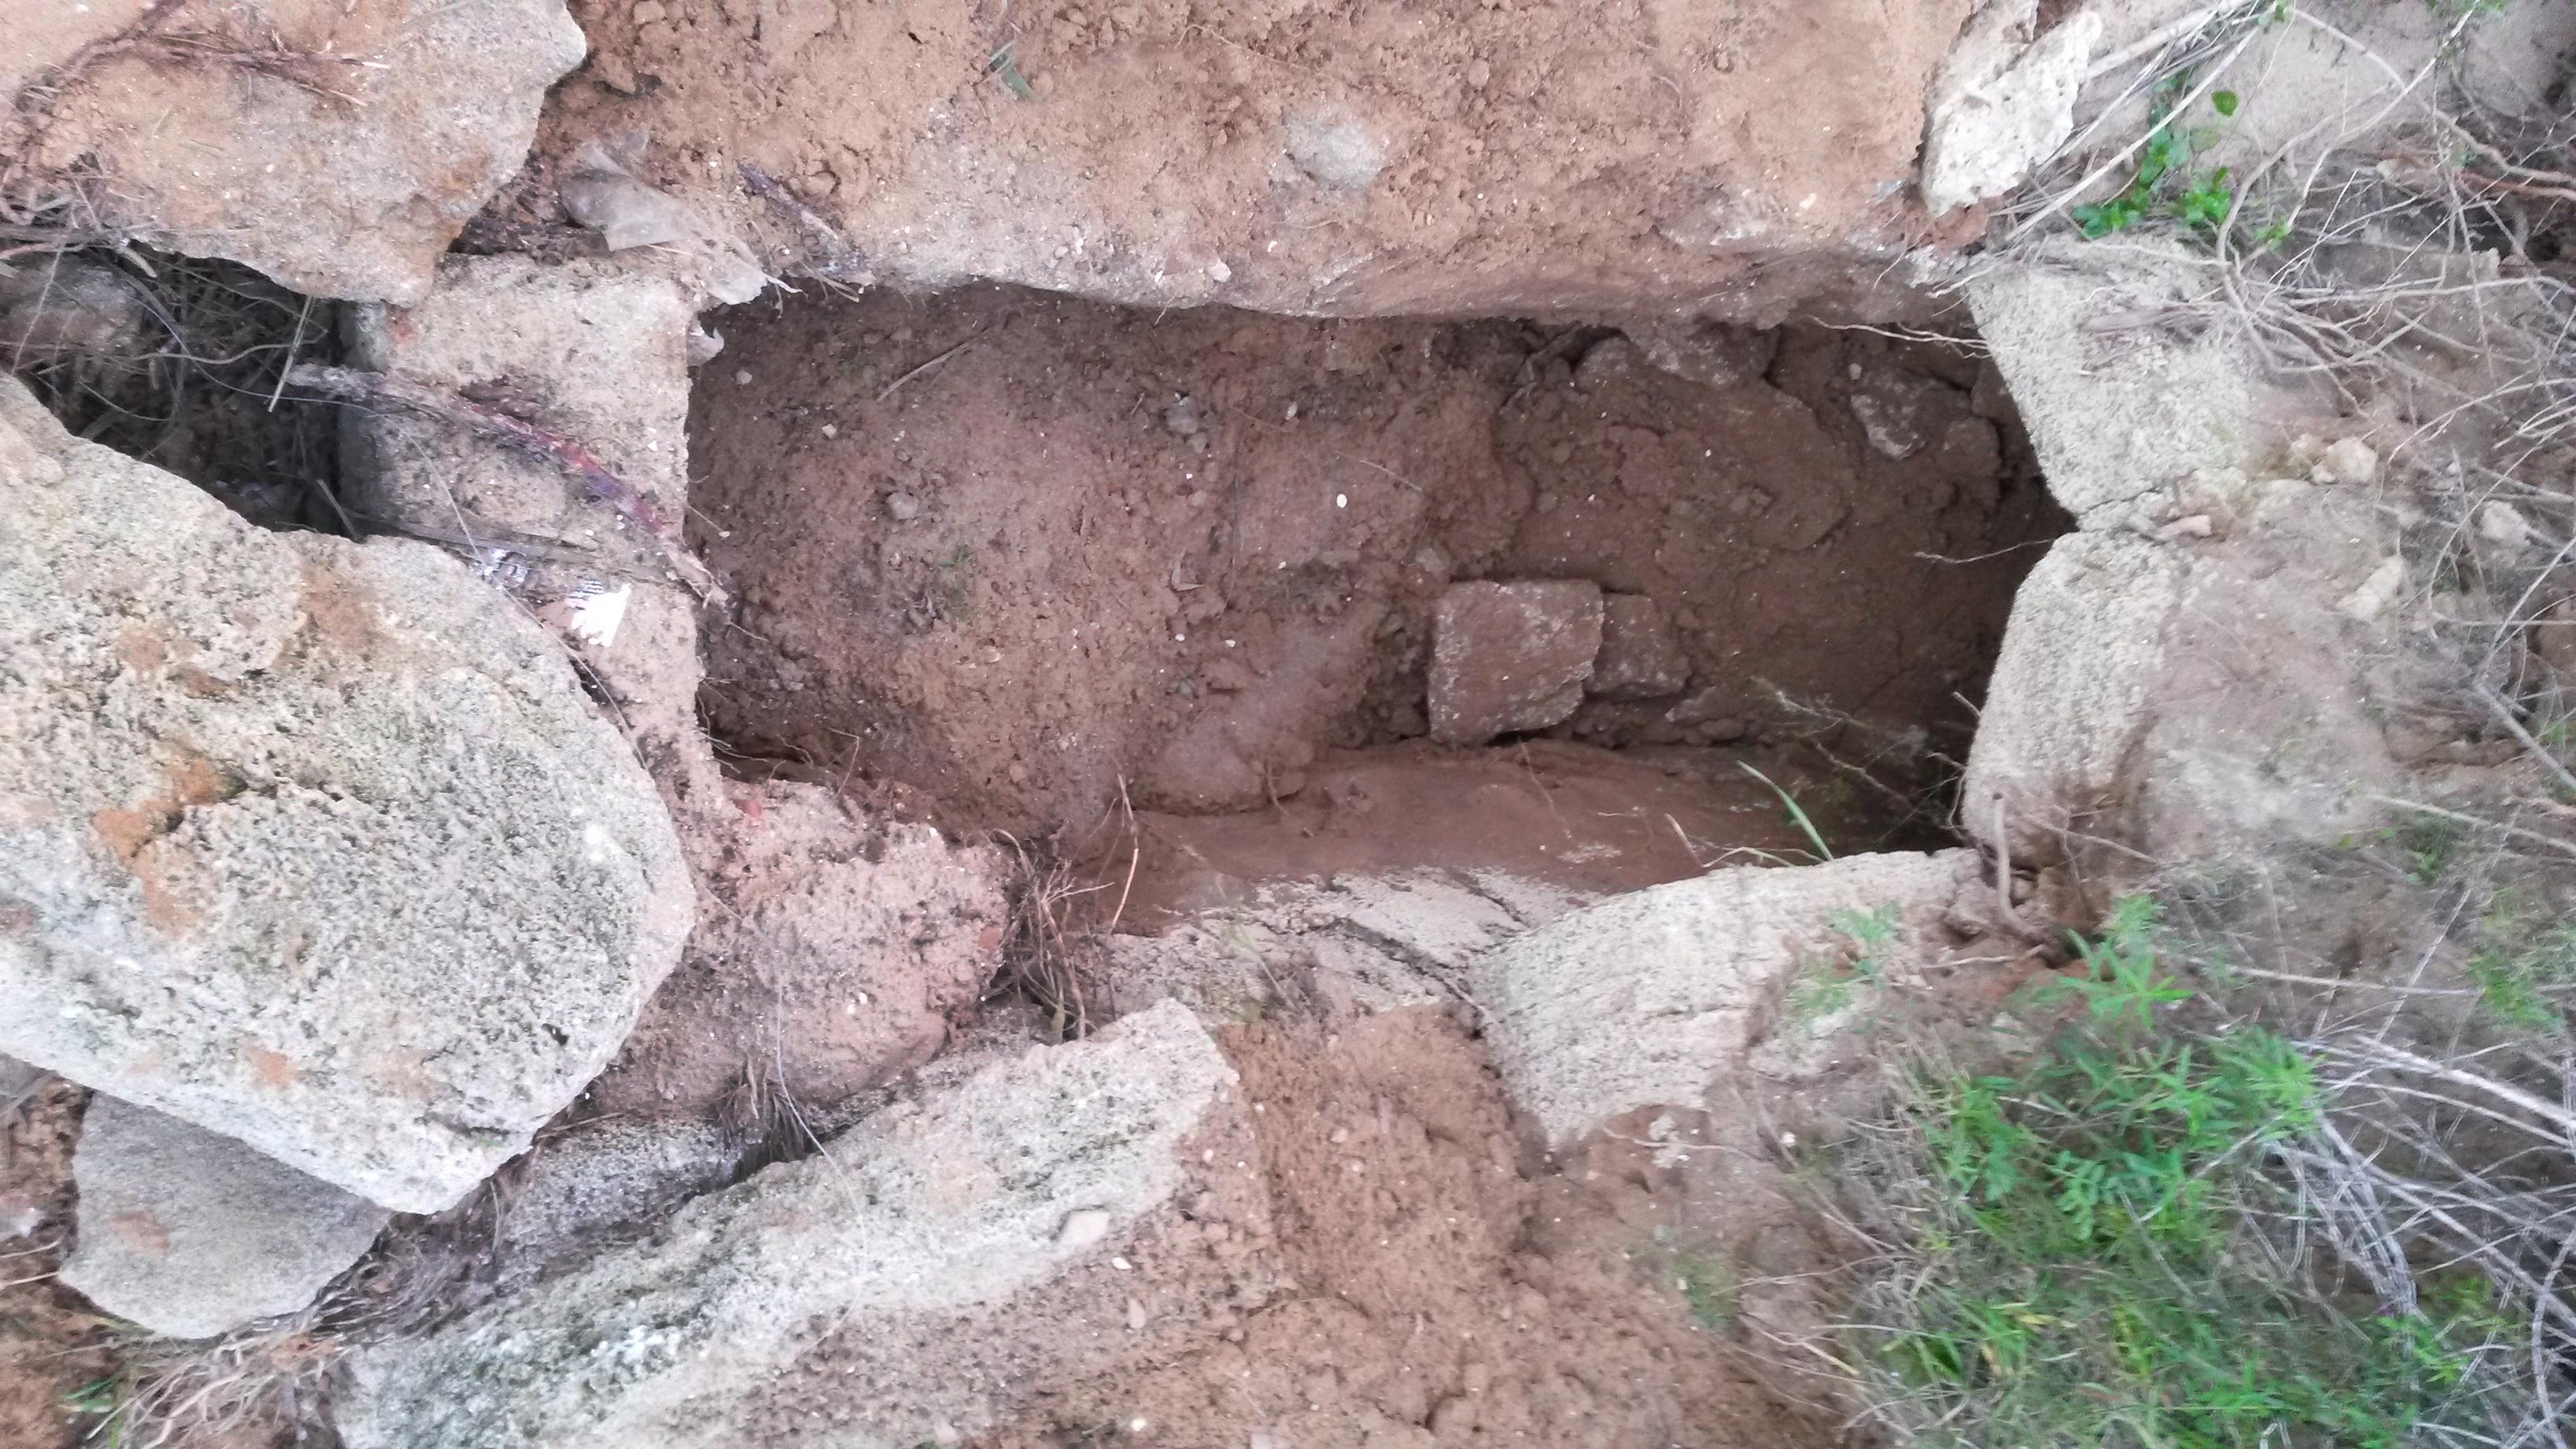 אחד מהקברים שנפרצו ונבזזו על ידי החוליה - צילום: היחידה למניעת שוד ברשות העתיקות